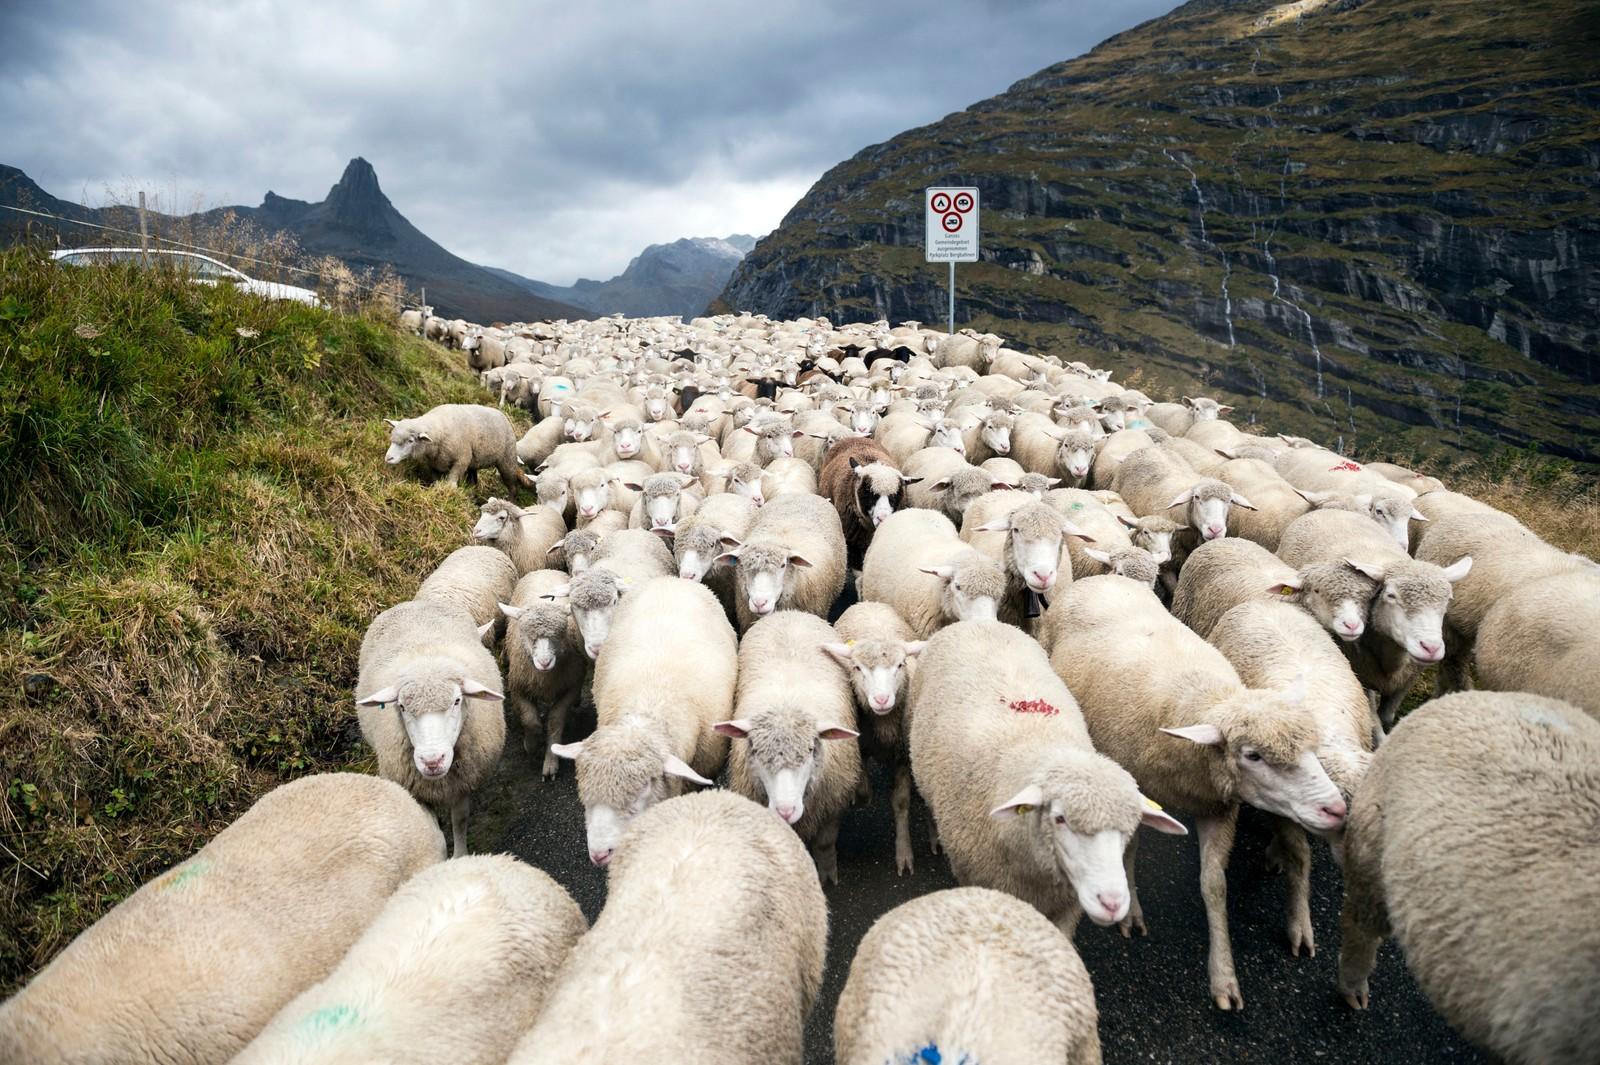 650 sauer valgte hovedveien da de skulle hjem fra sommerbeite i de sveitsiske alpene denne uka. I bakgrunnen ruver fjelltoppen Zervreilahorn med sine 2898 m.o.h.